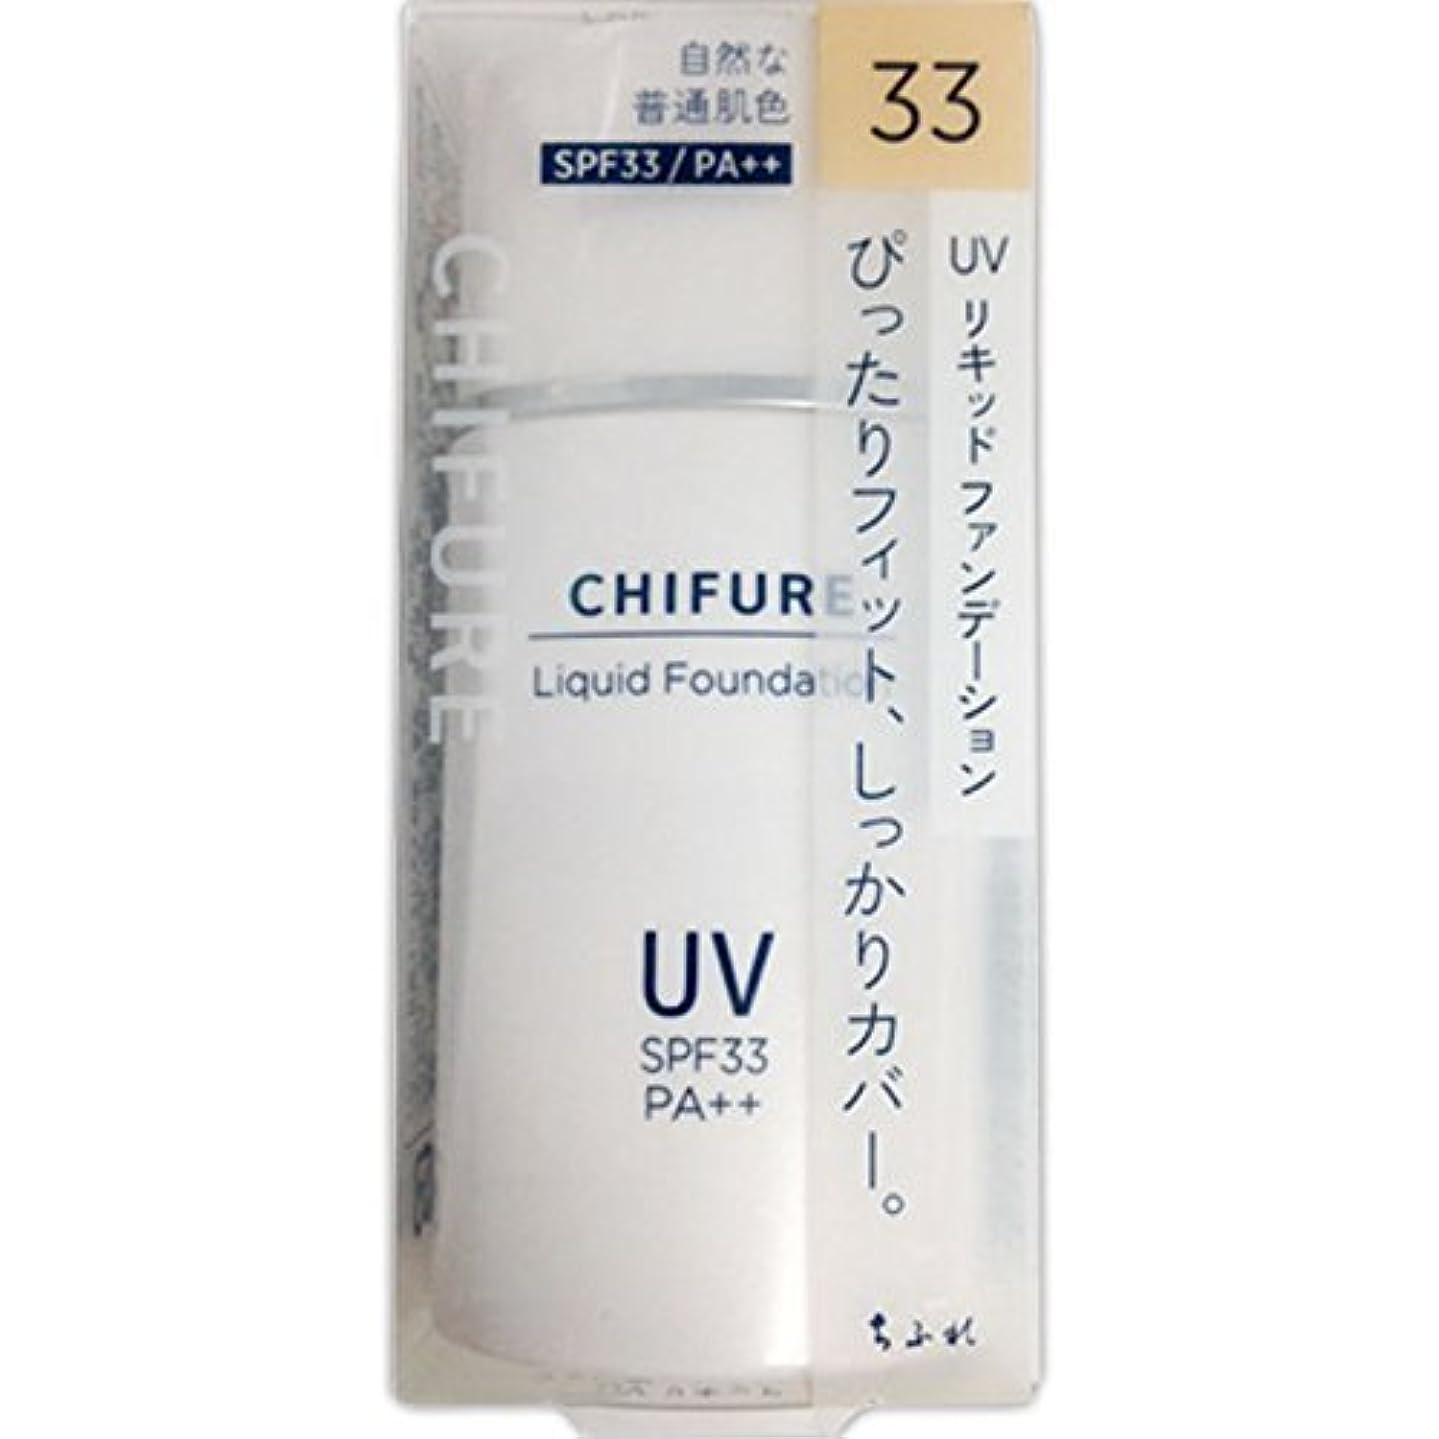 可能捧げるスタックちふれ化粧品 UV リキッド ファンデーション 33 自然な普通肌色 30ML